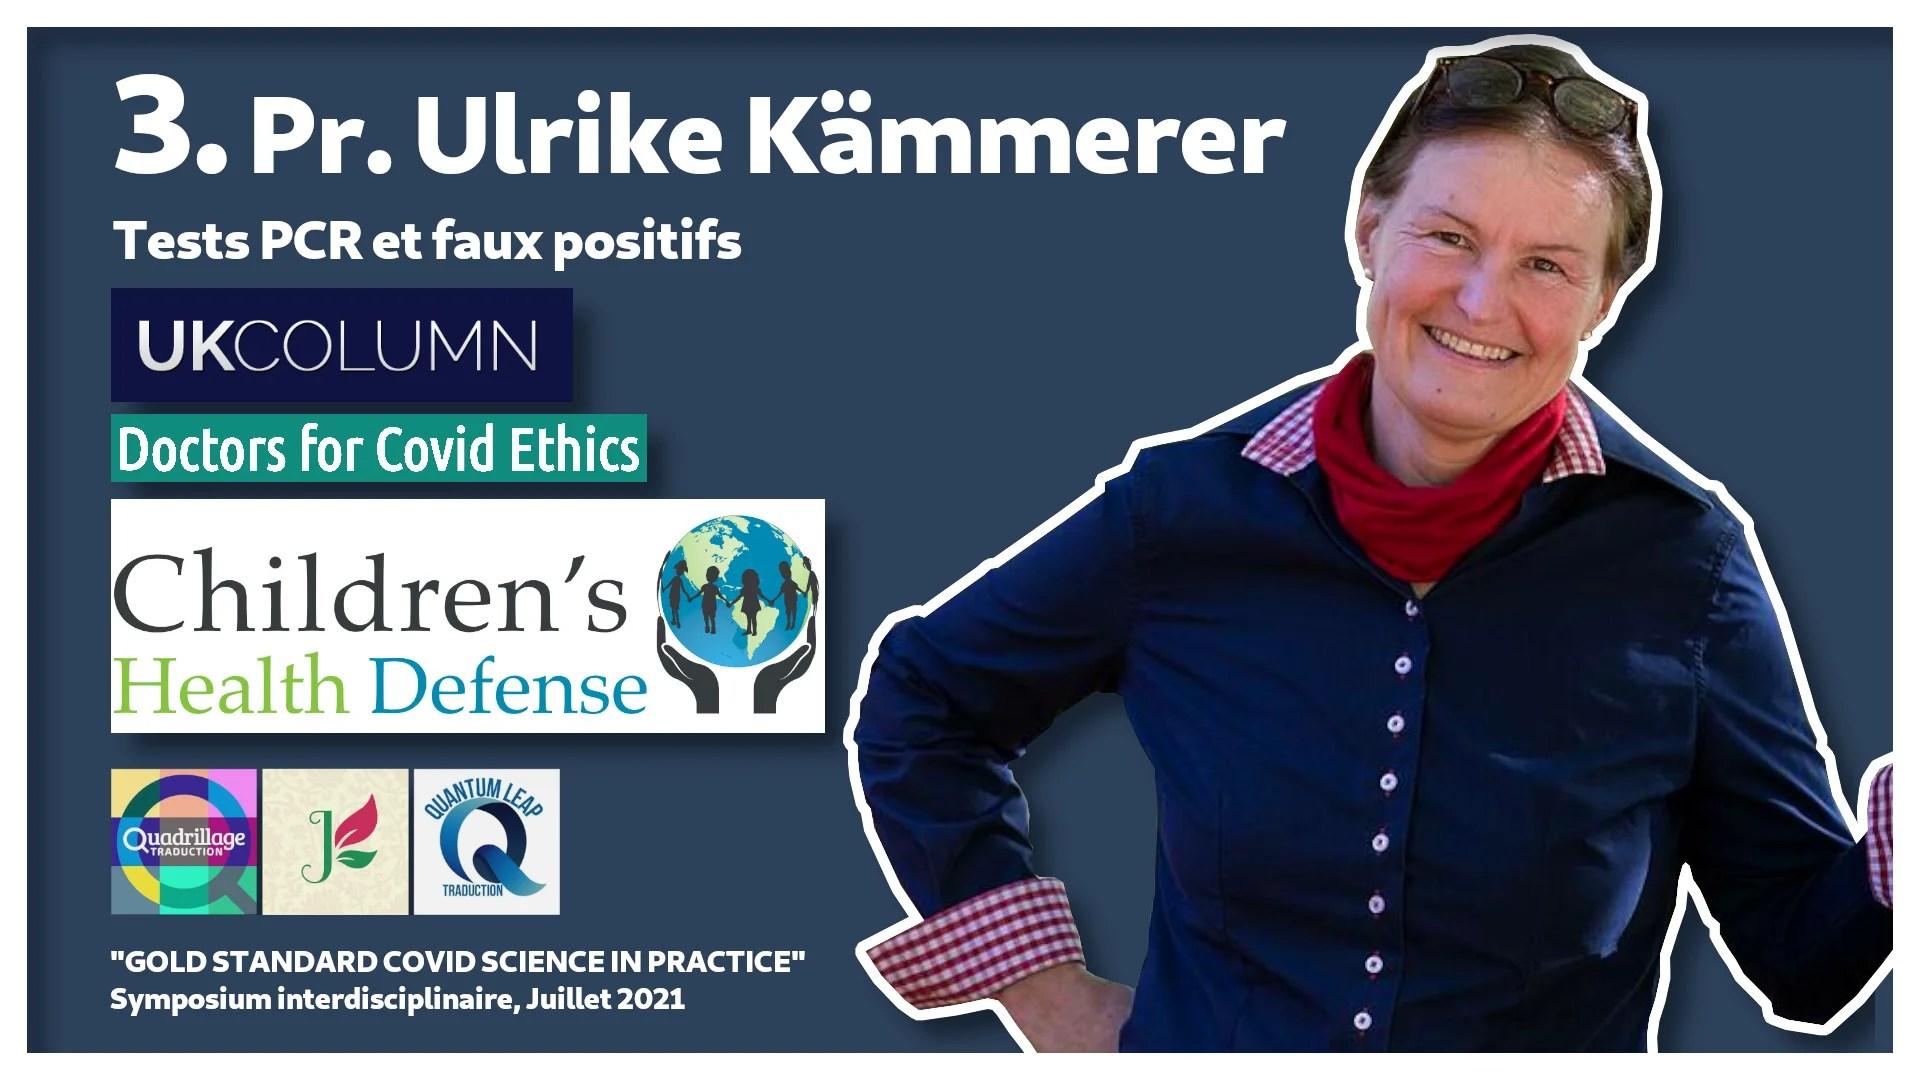 #3 : Ulrike Kämmerer sur les tests PCR et les faux positifs